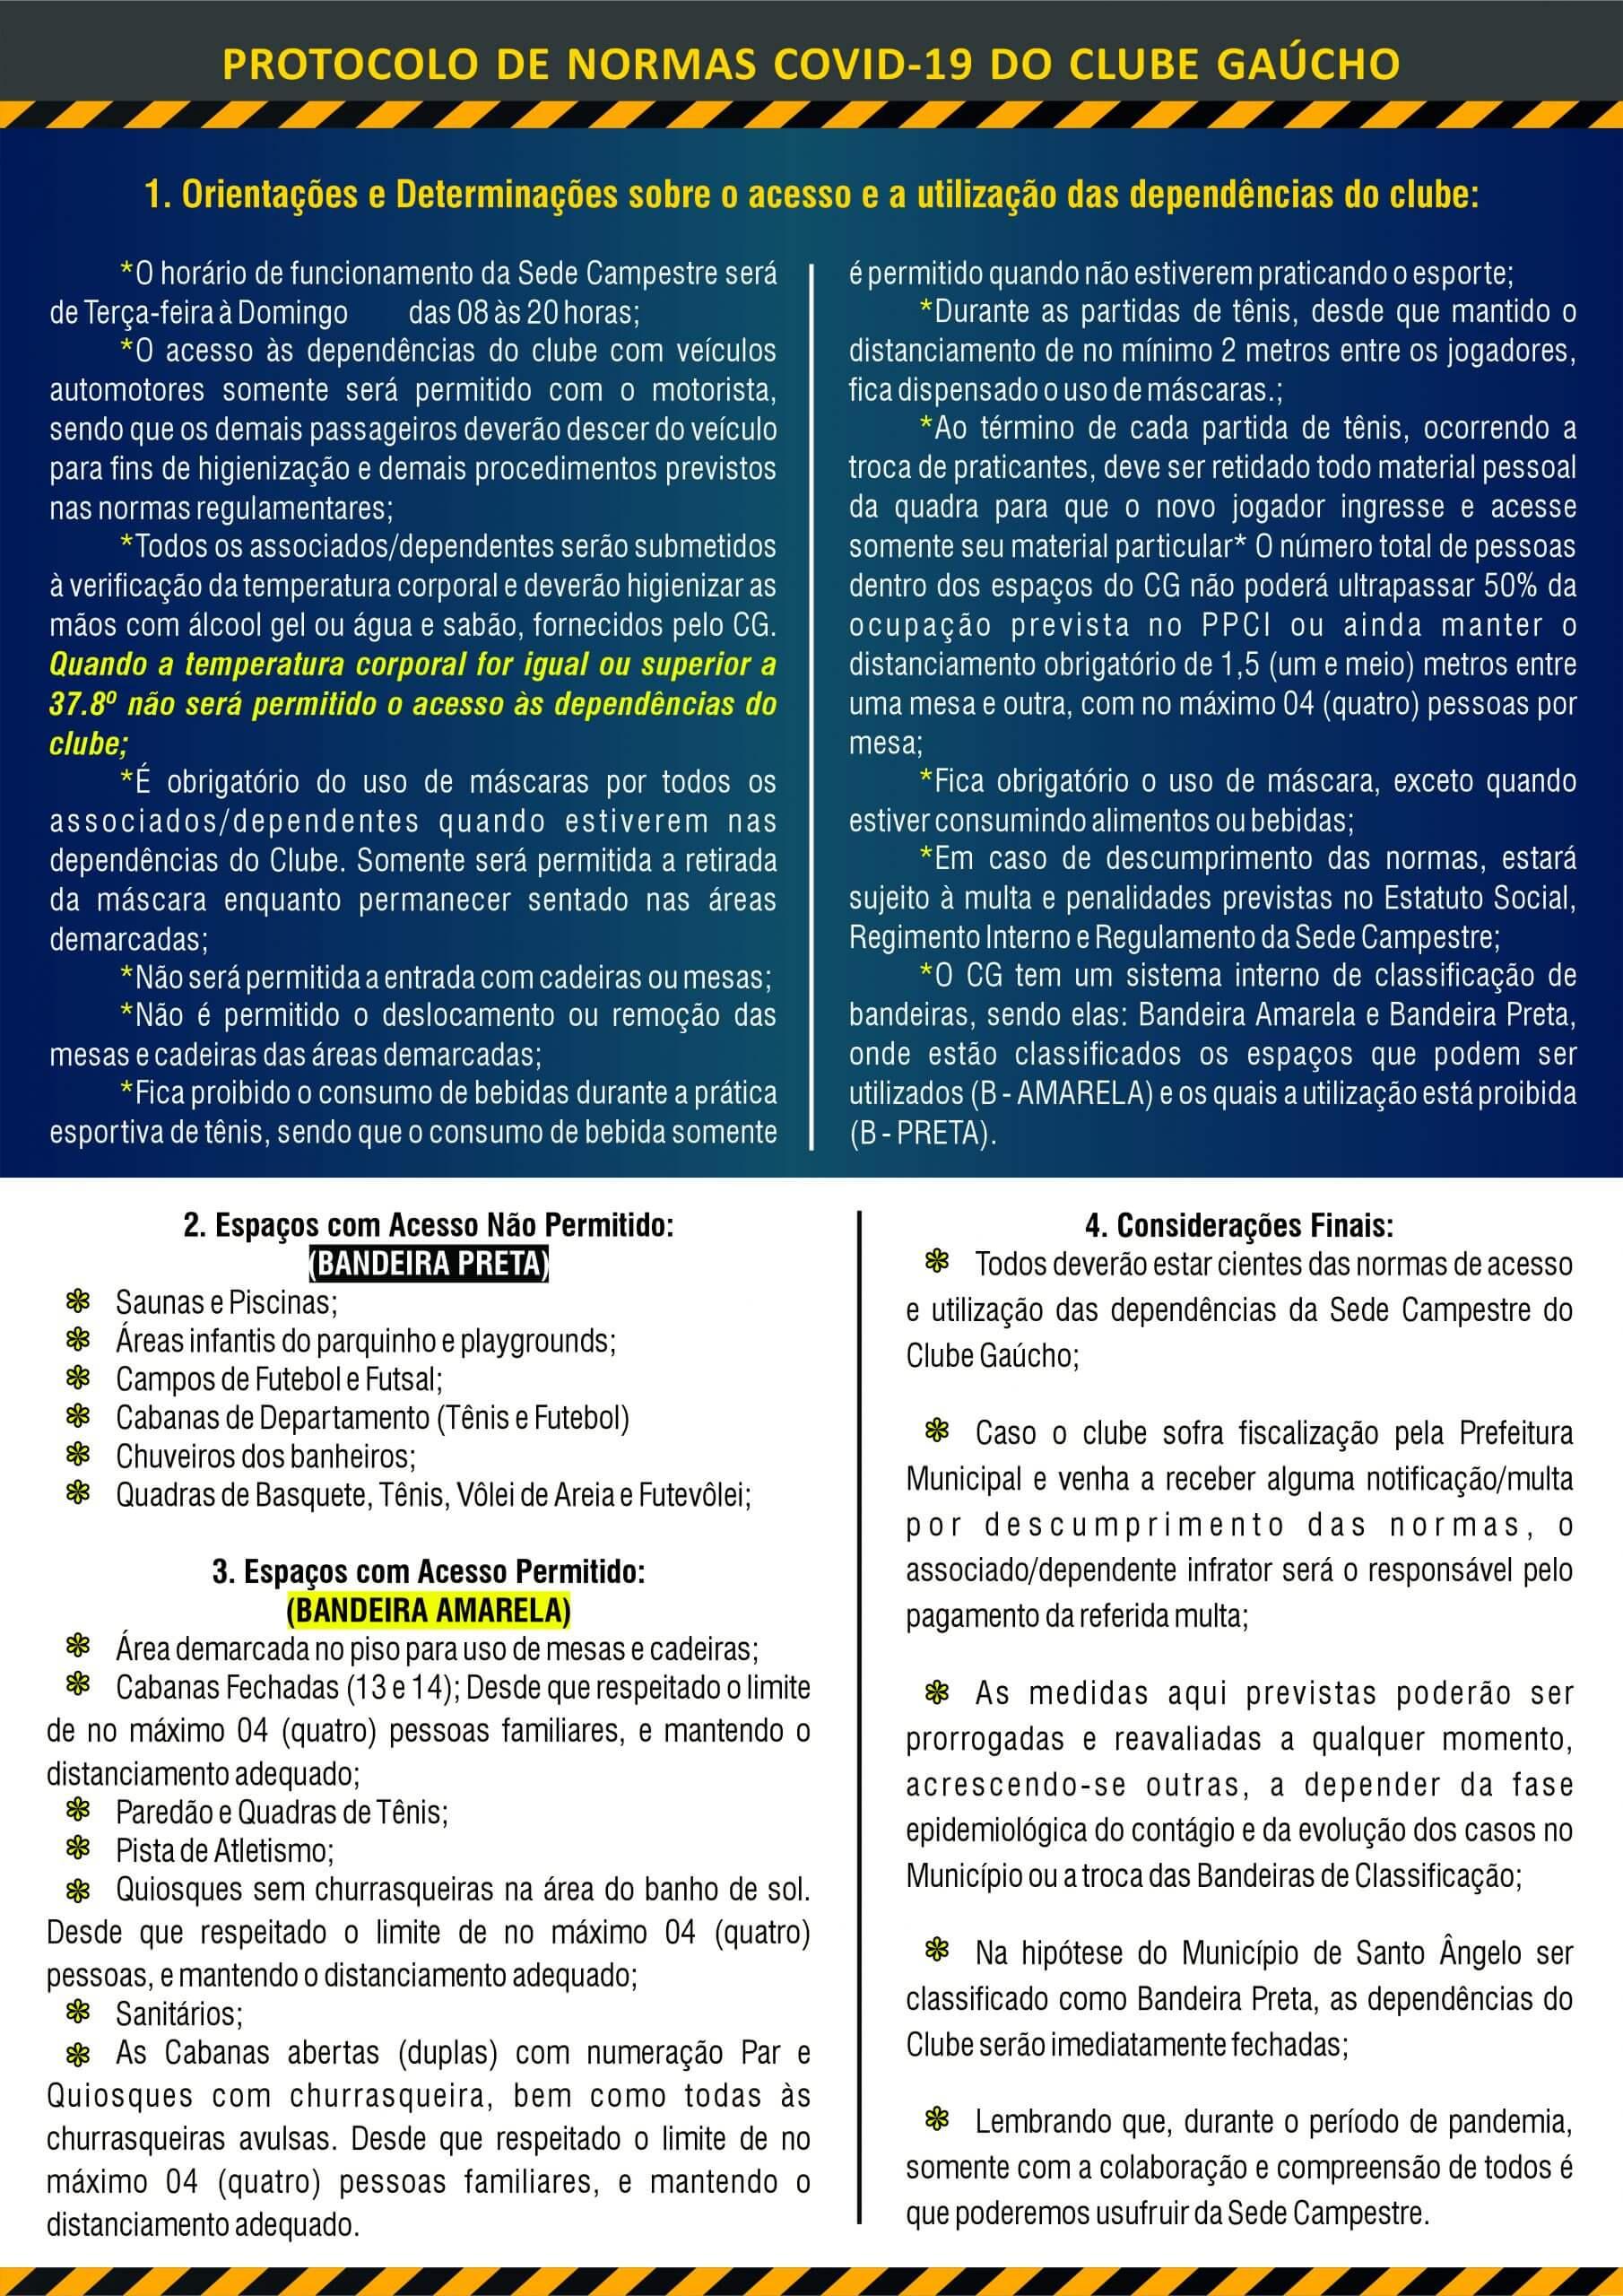 Novo Protocolo de Normas Covid-19 do Clube Gaúcho